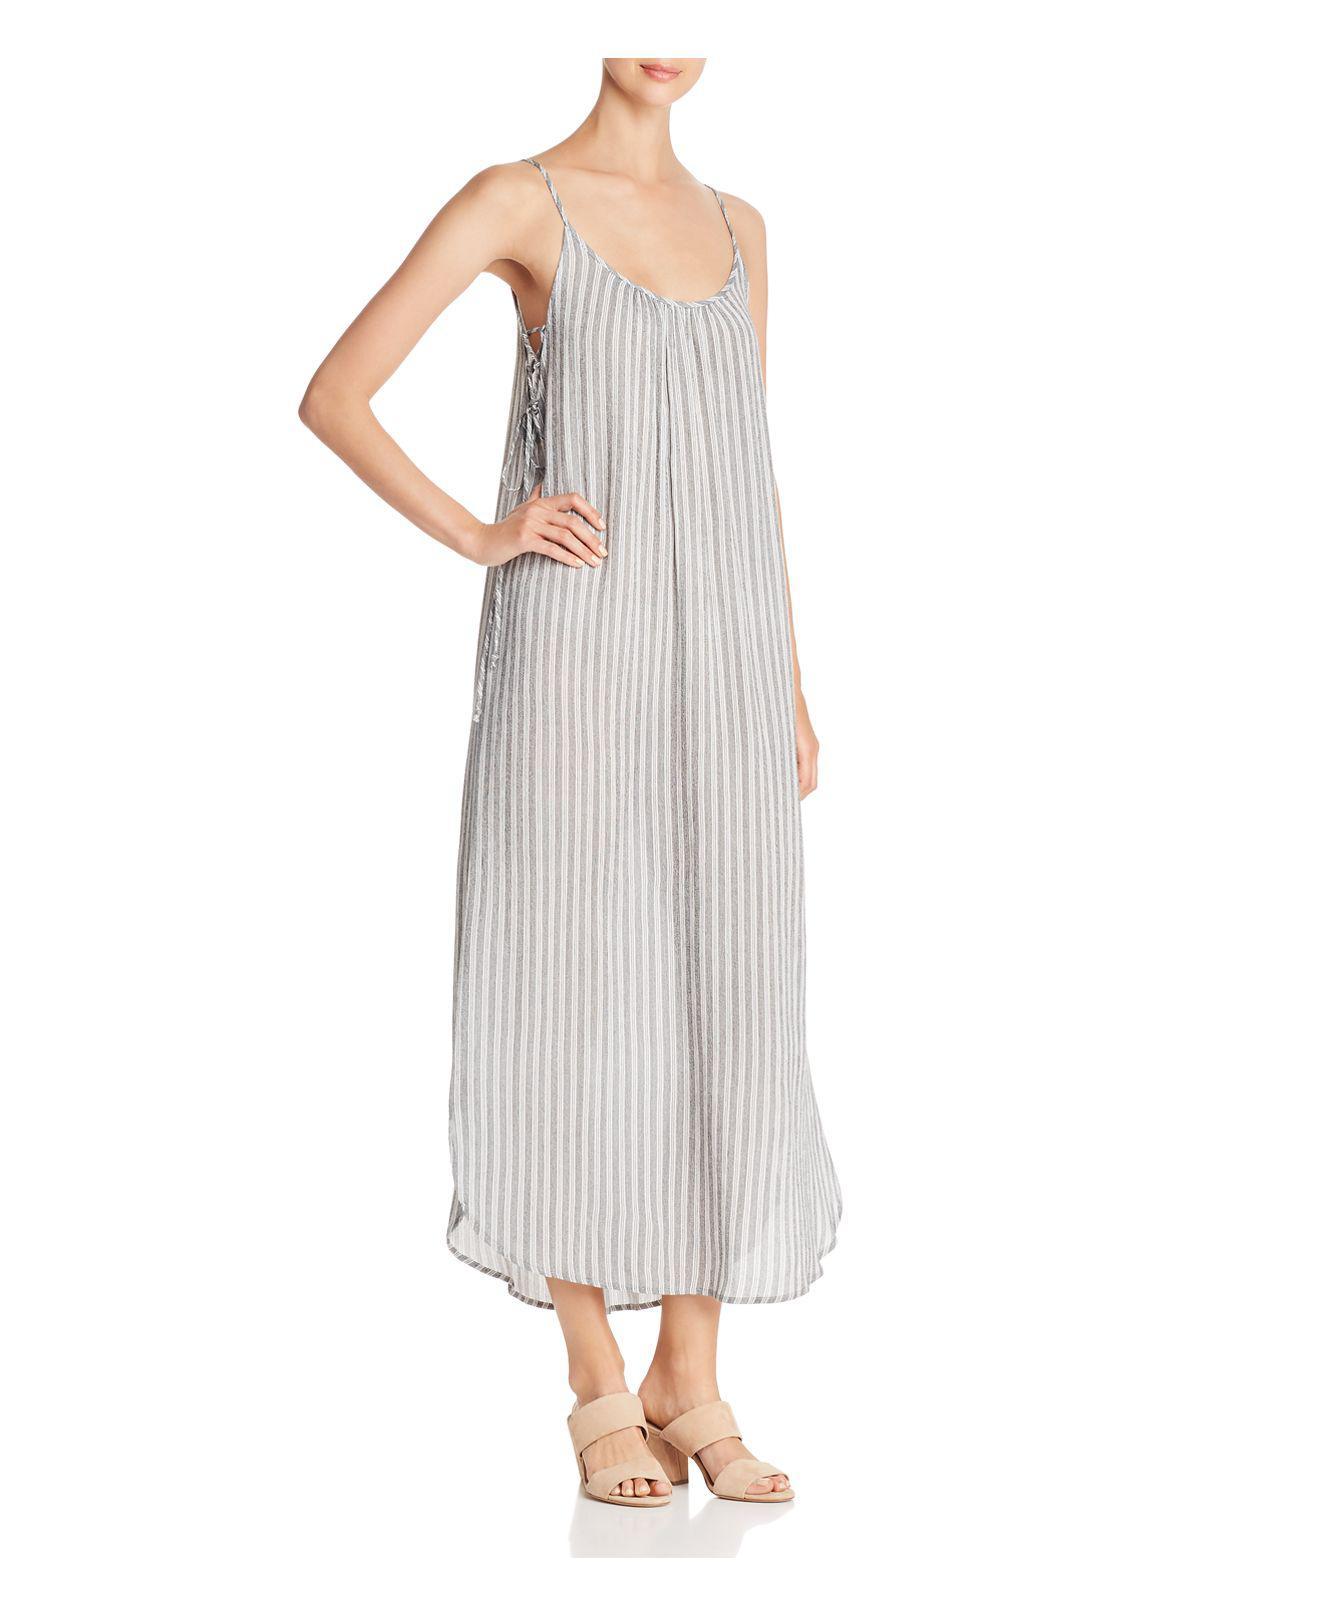 Aqua Striped Lace Up Maxi Dress In White Lyst